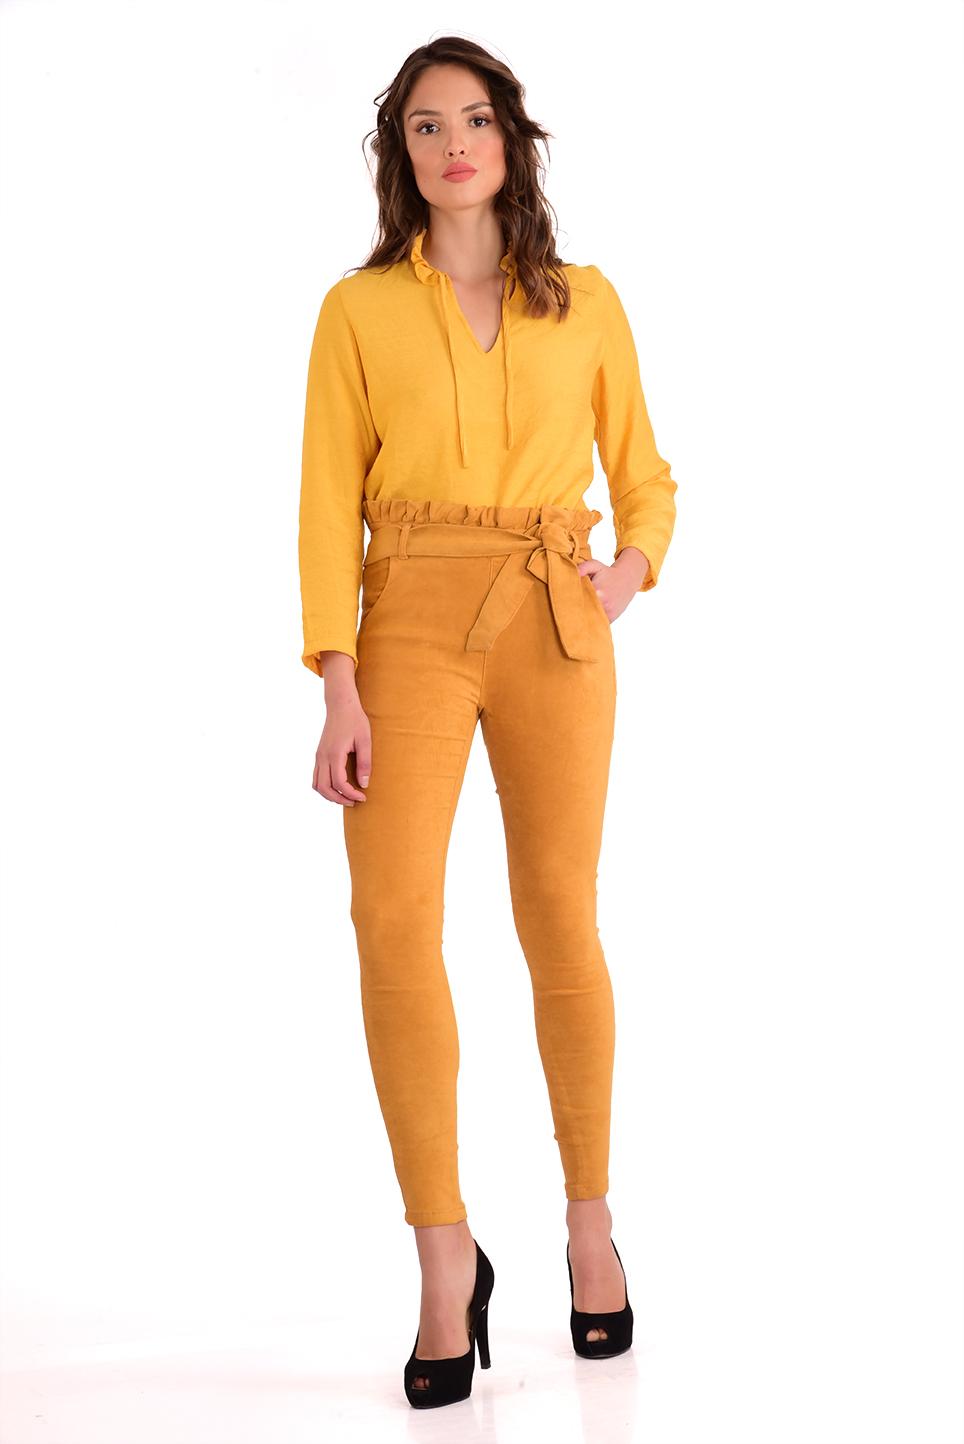 מכנס  צמוד וגבוה בצבע חרדל עם חגורה